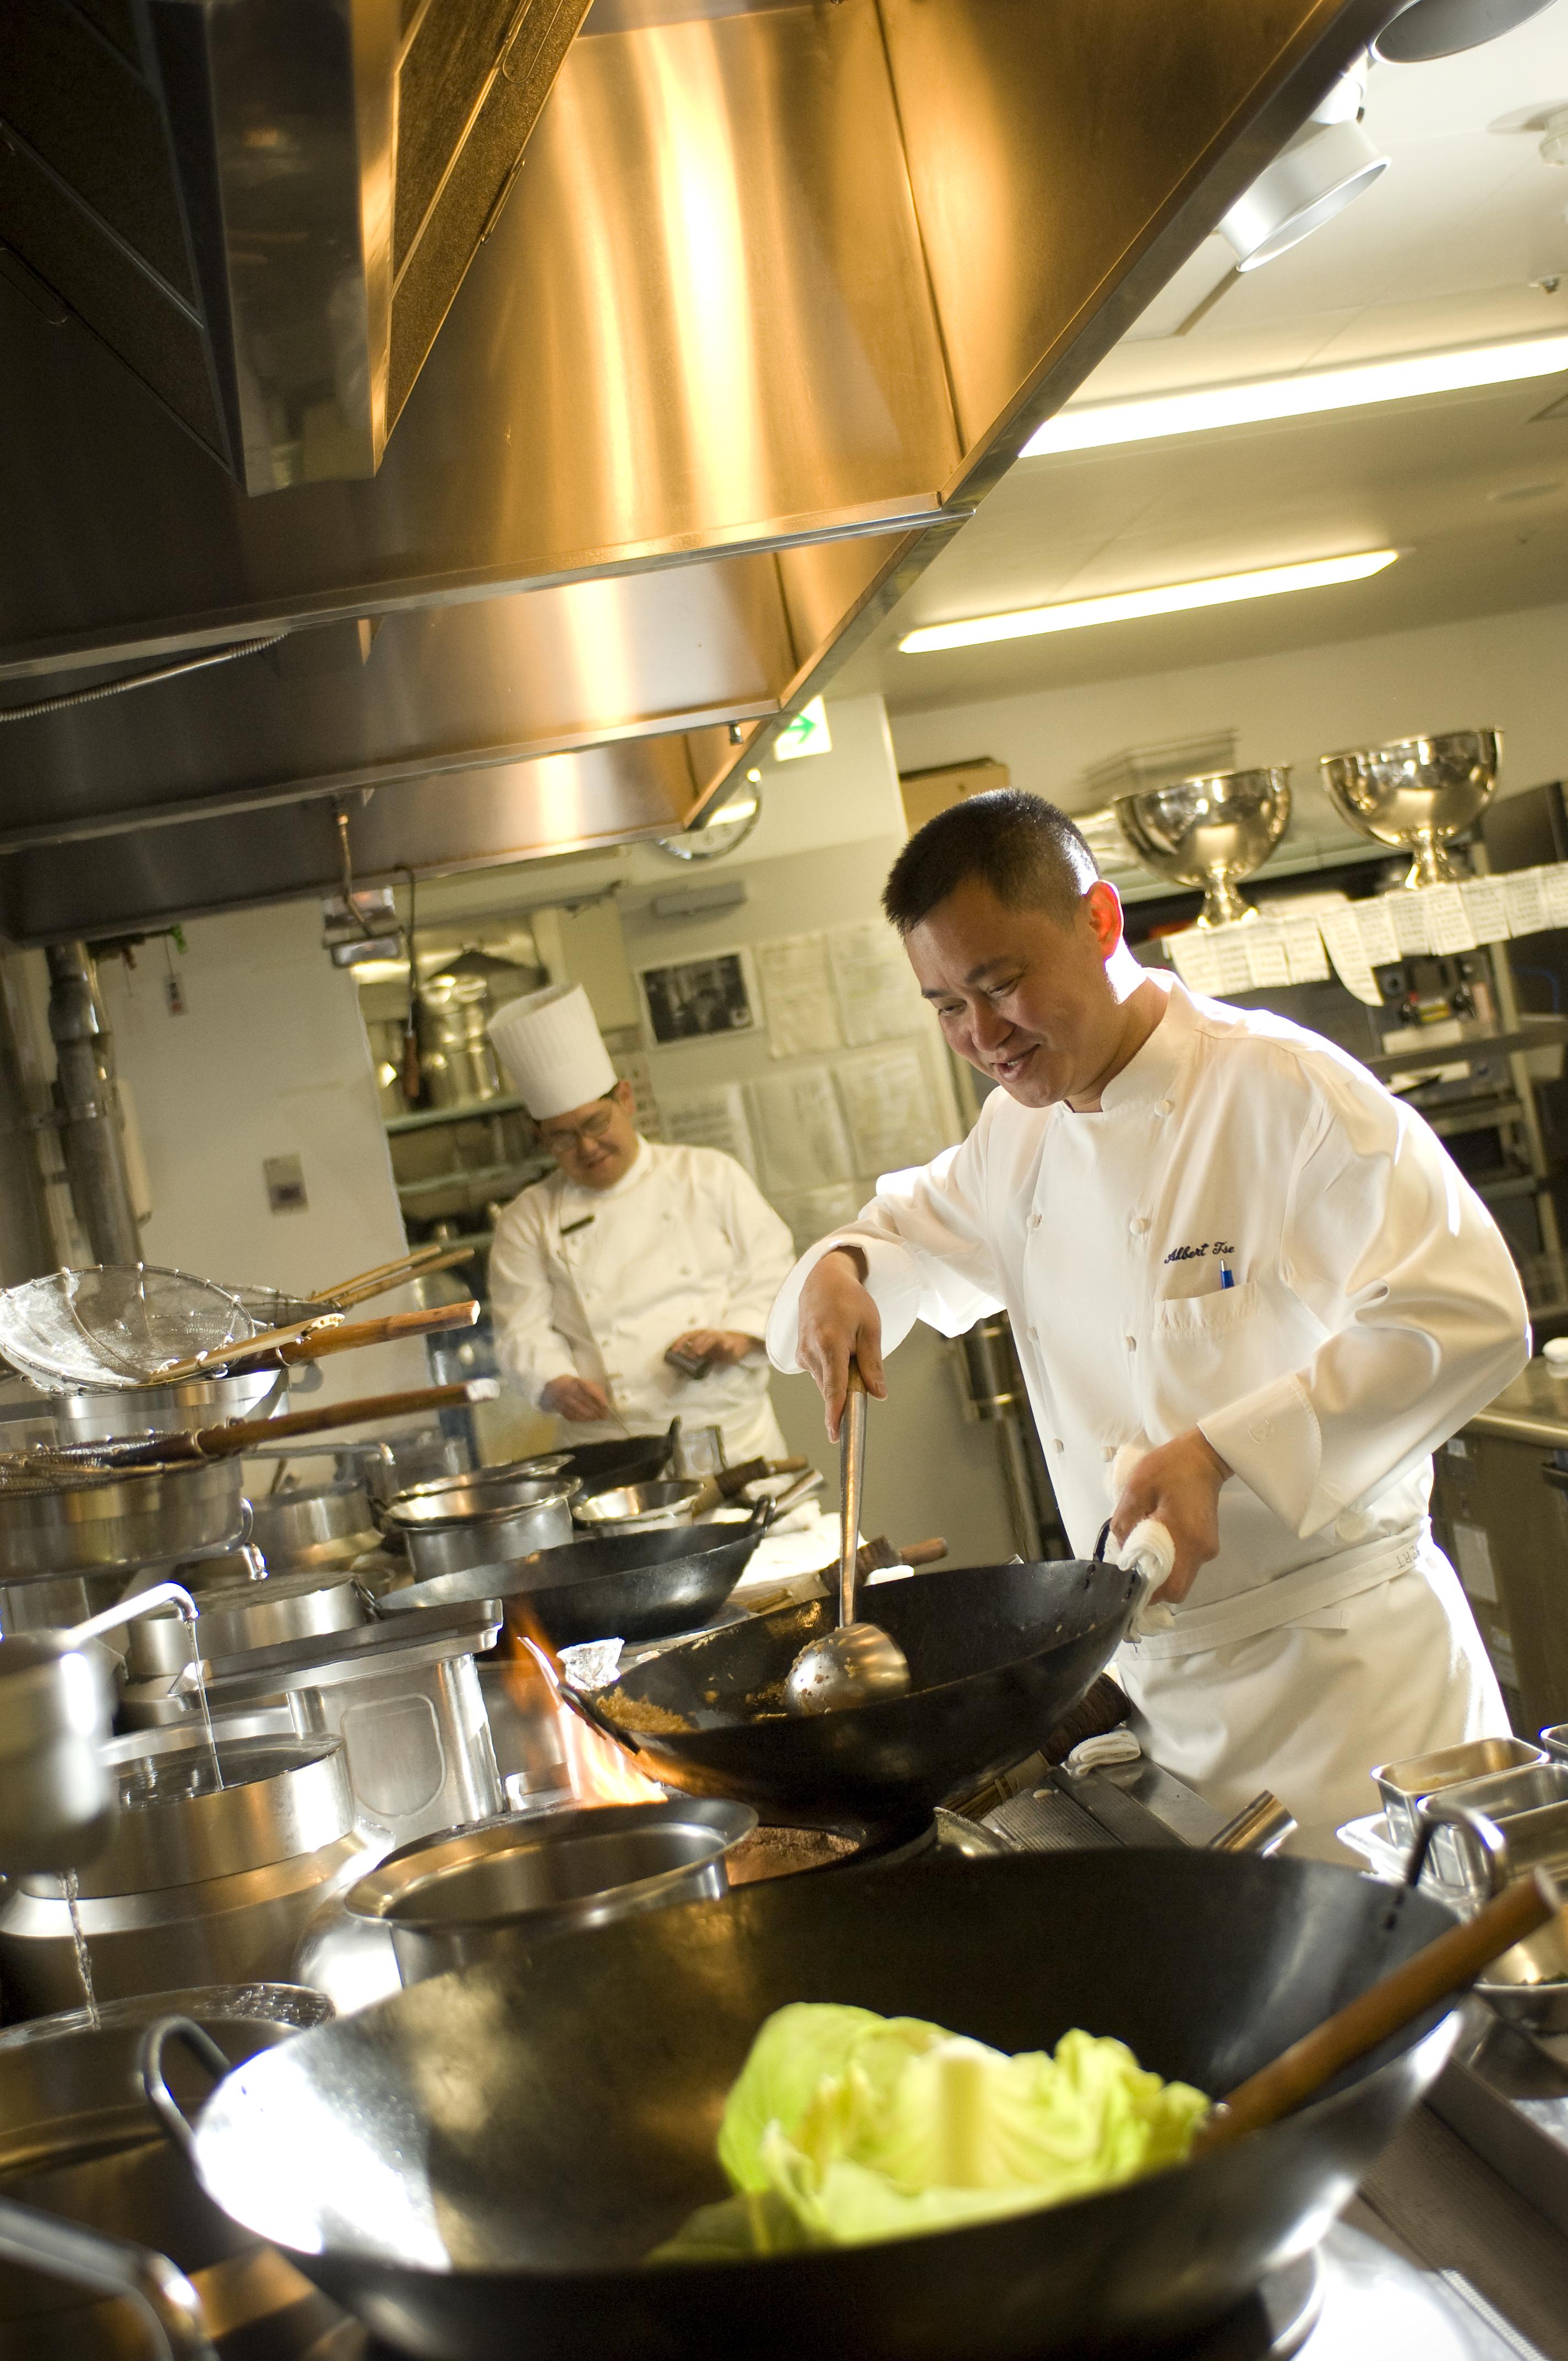 皆さんはじめまして。中国料理「チャイナブルー」料理長のアルバート・ツェと申します